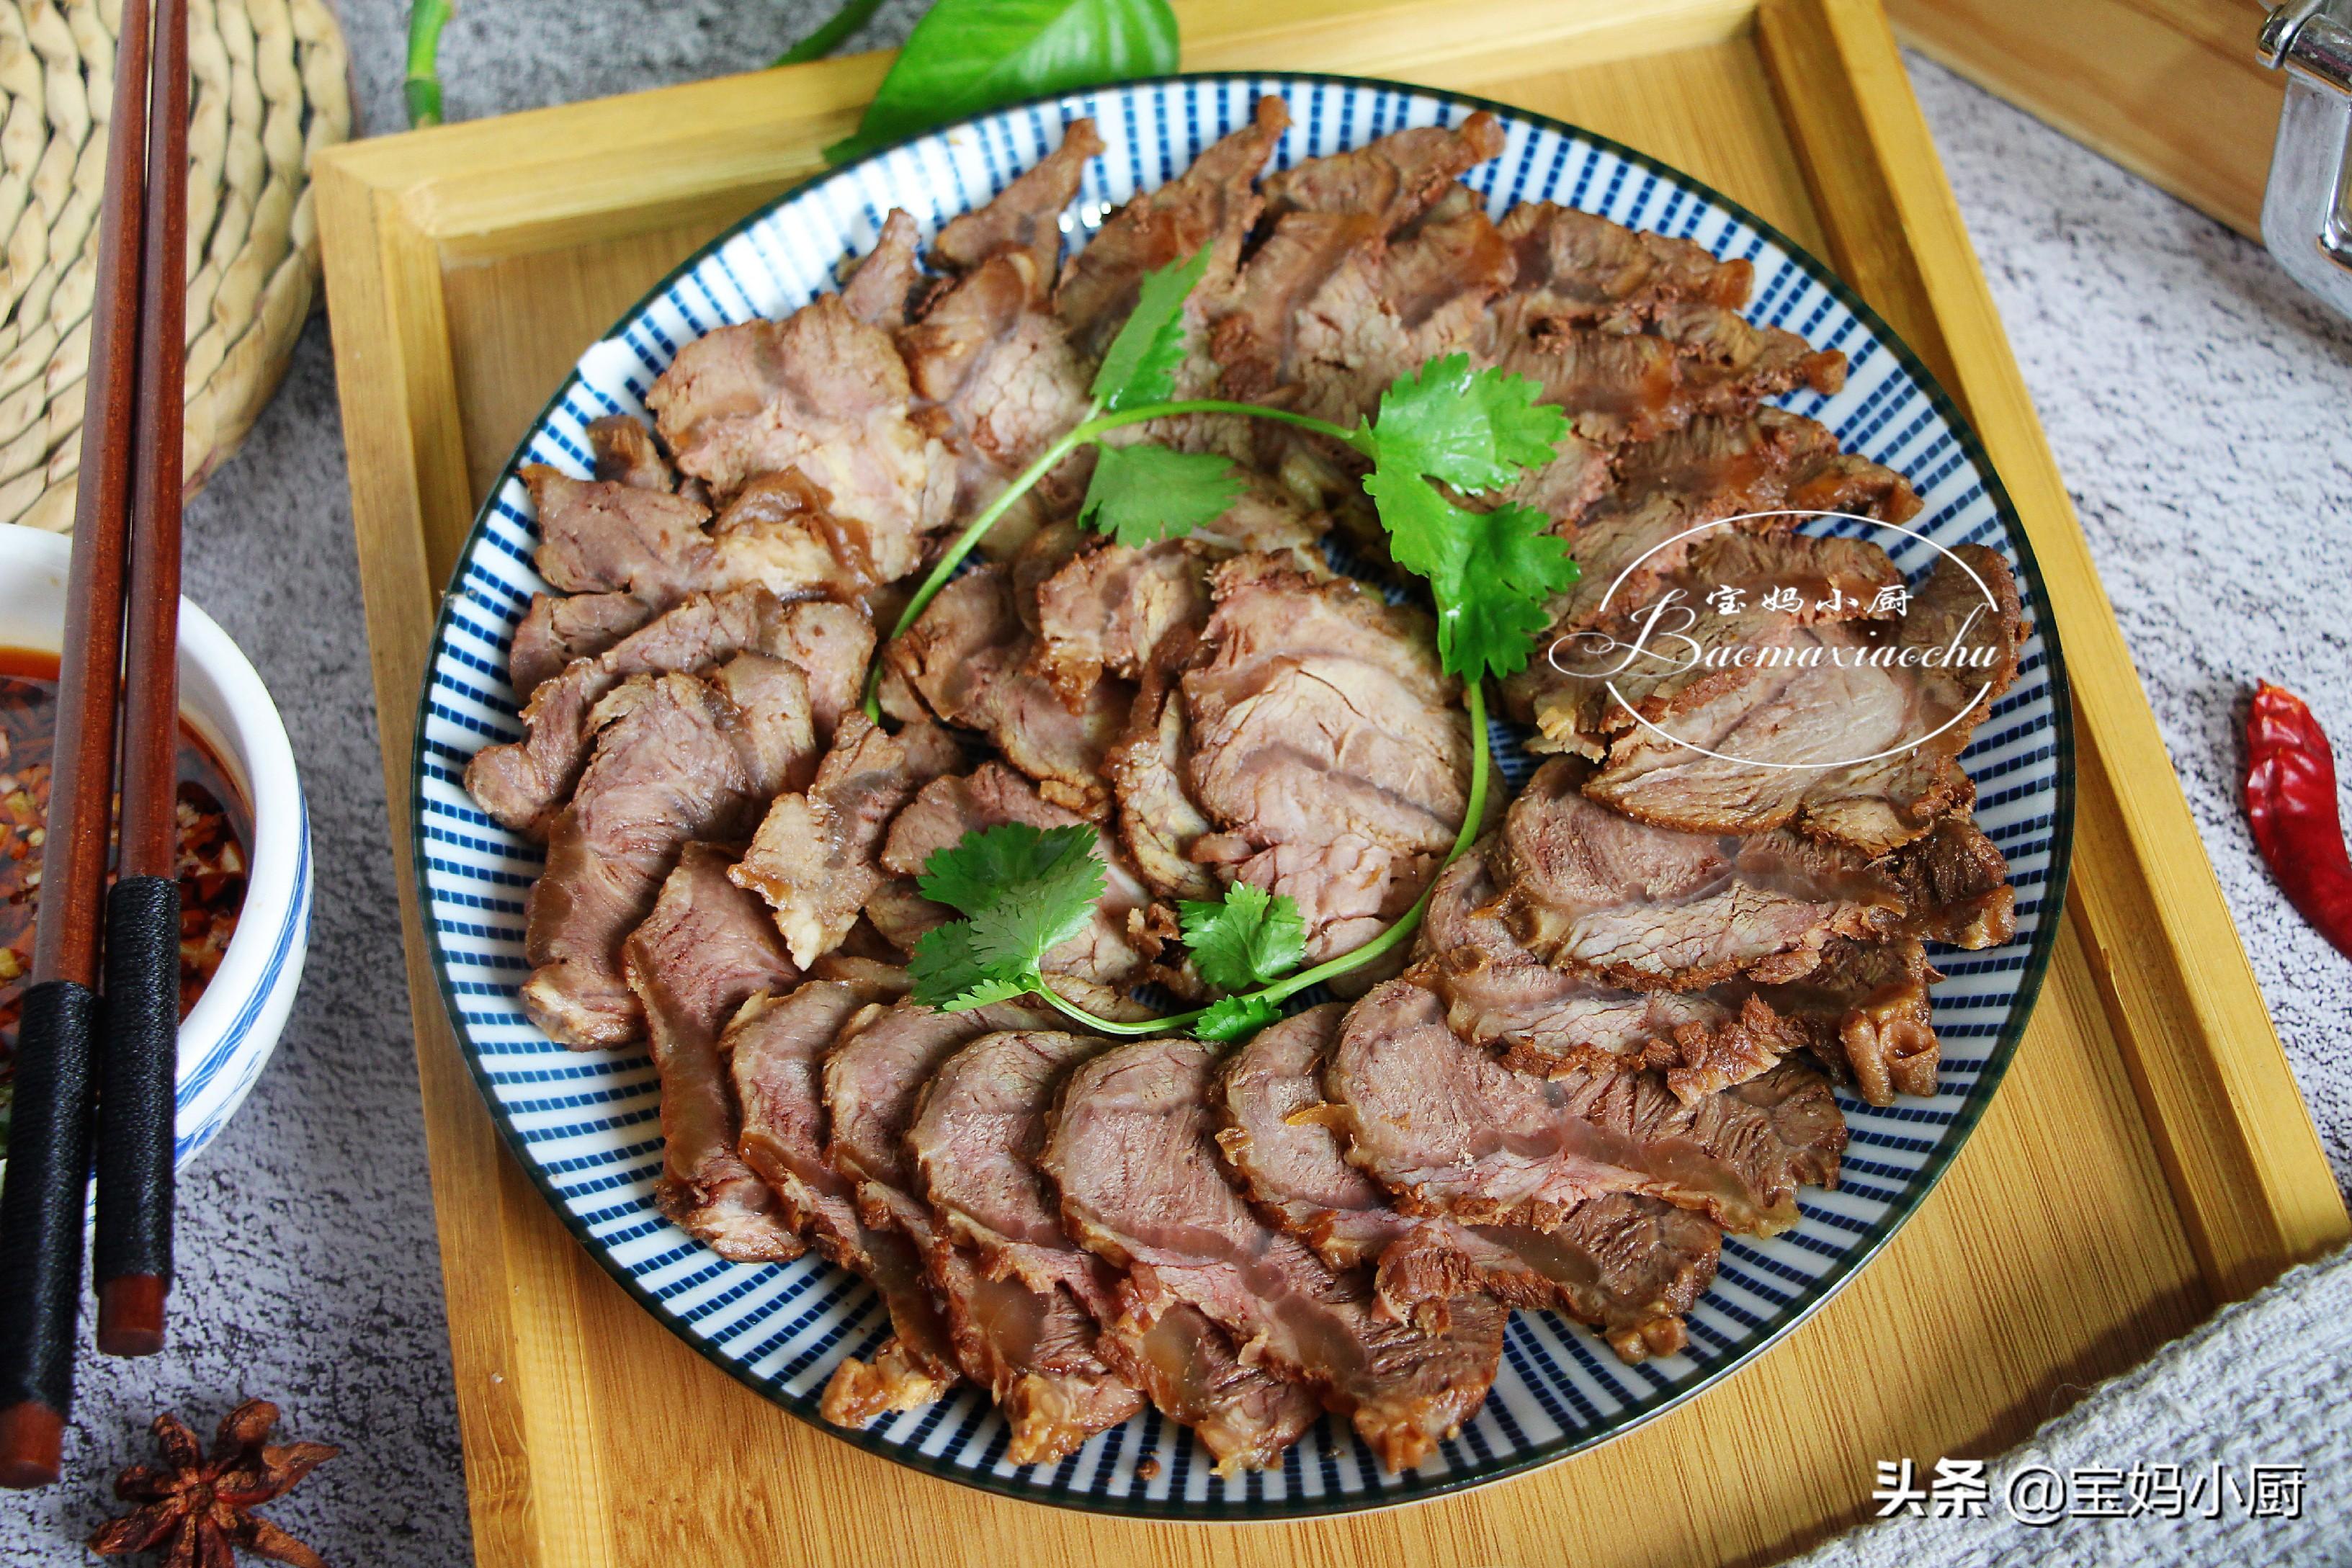 很靠譜的醬牛肉做法,年夜飯上每年必備,用料家常,電飯煲就搞定